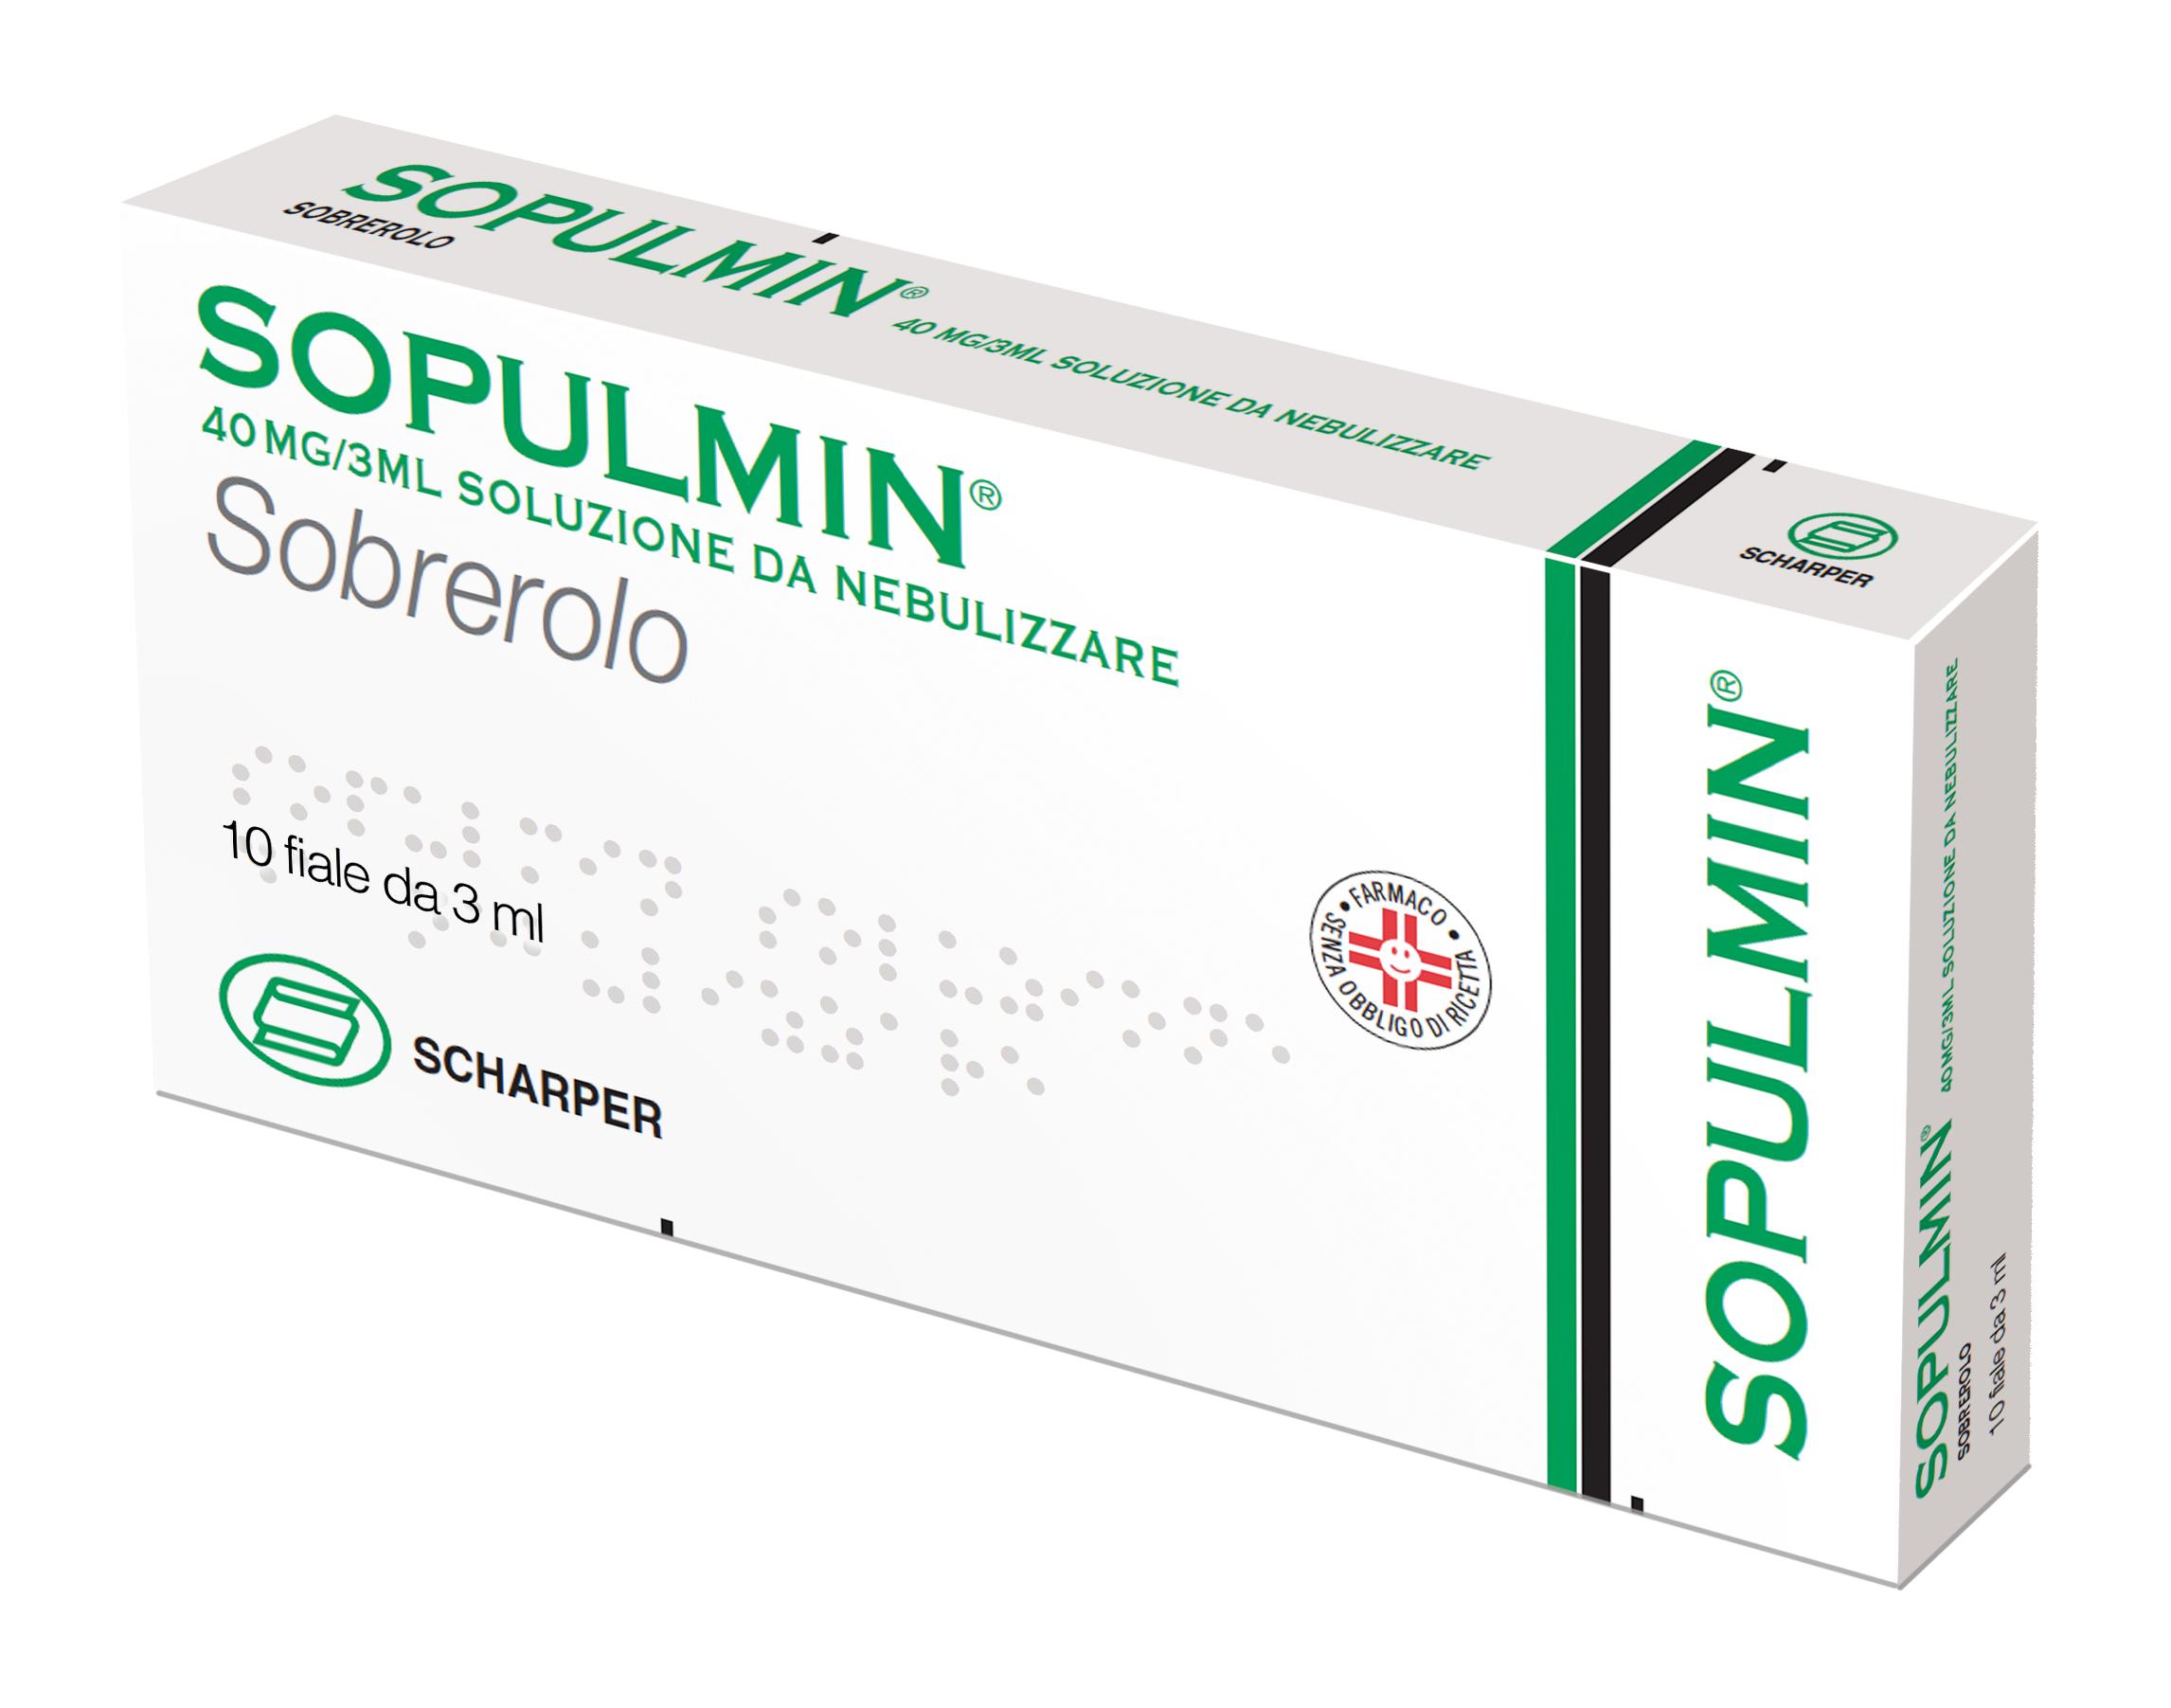 SOPULMIN*NEBUL 10F 3ML 40MG - Turbofarma.it